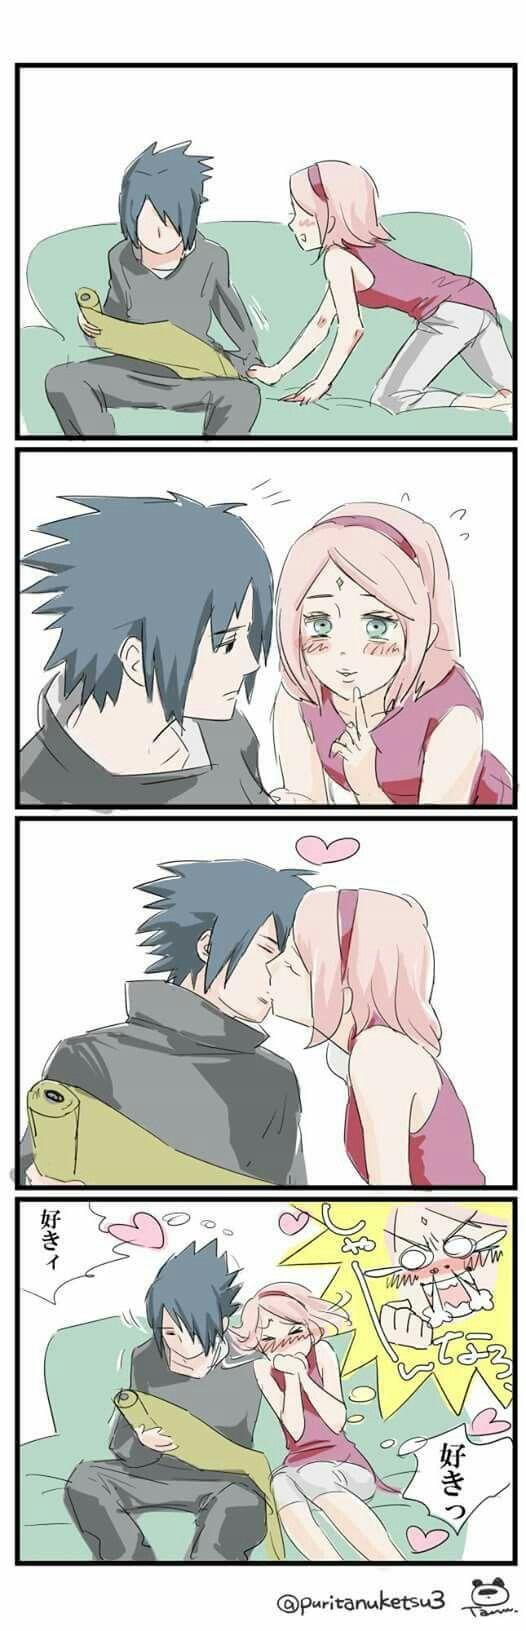 Sakura tanto esfuerzo q pusiste y ahora estas con la persona q quisite con toda tu alam